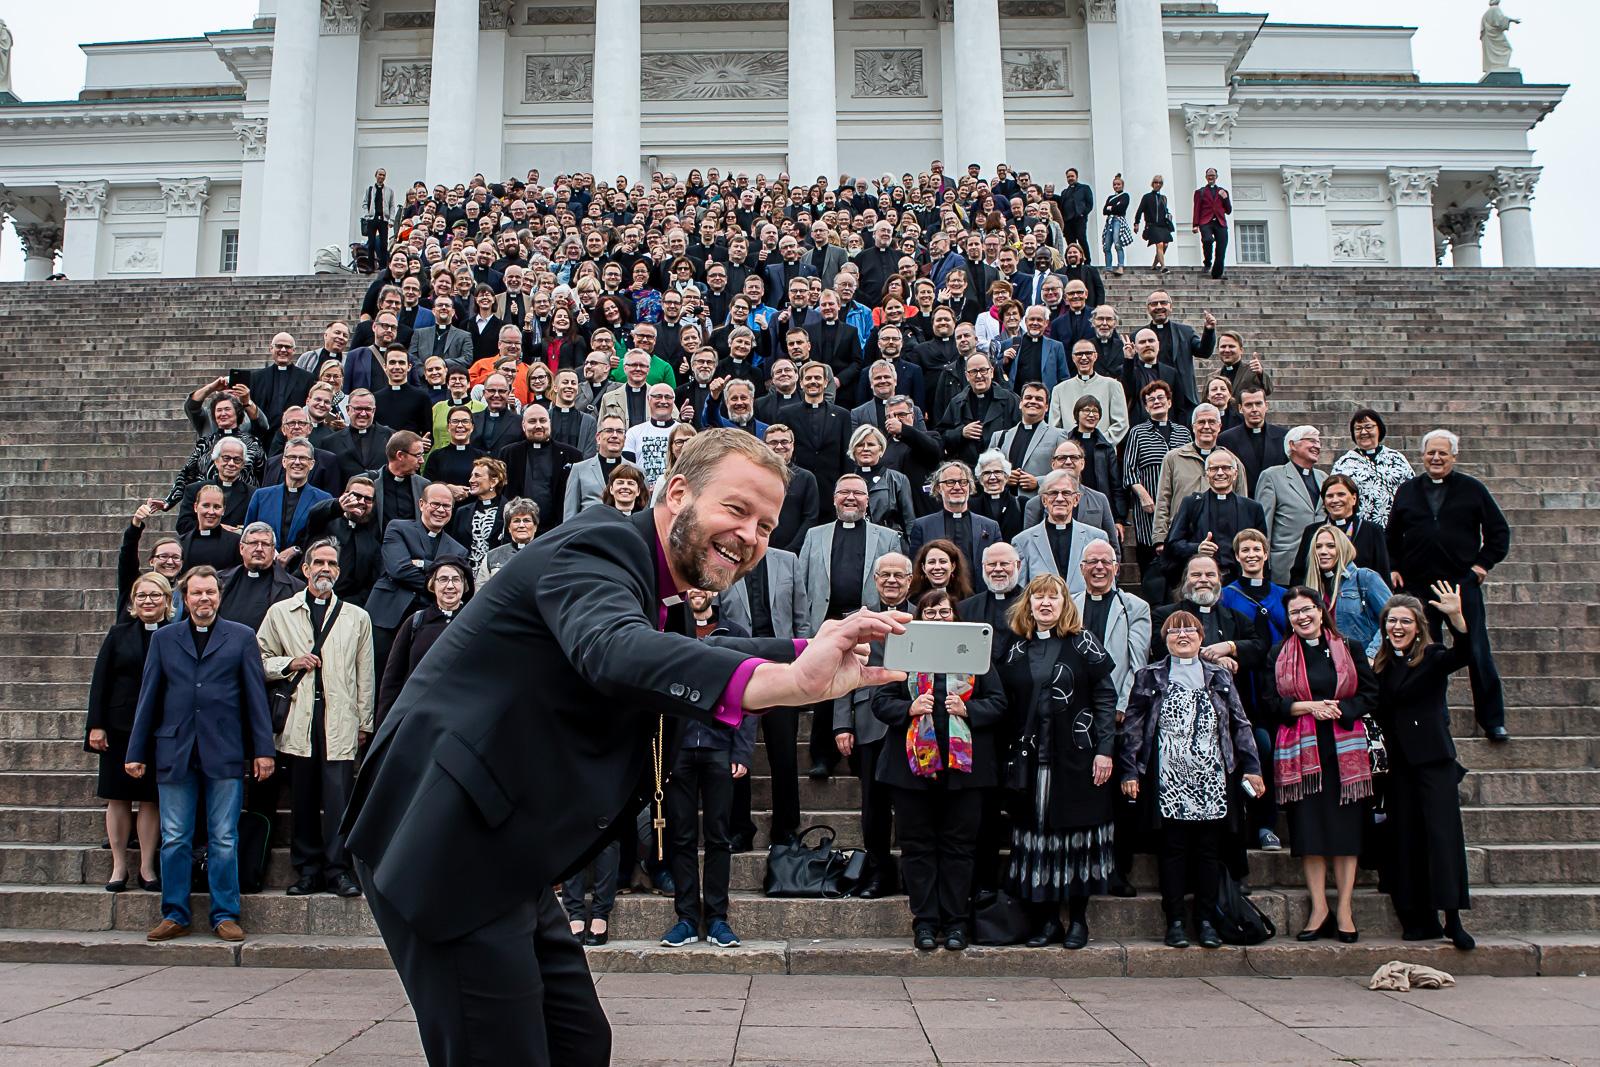 Yhteiskuva Helsingin hiippakunnan papeista tuomiokirkon portailla synodaalikokouksessa 2018.